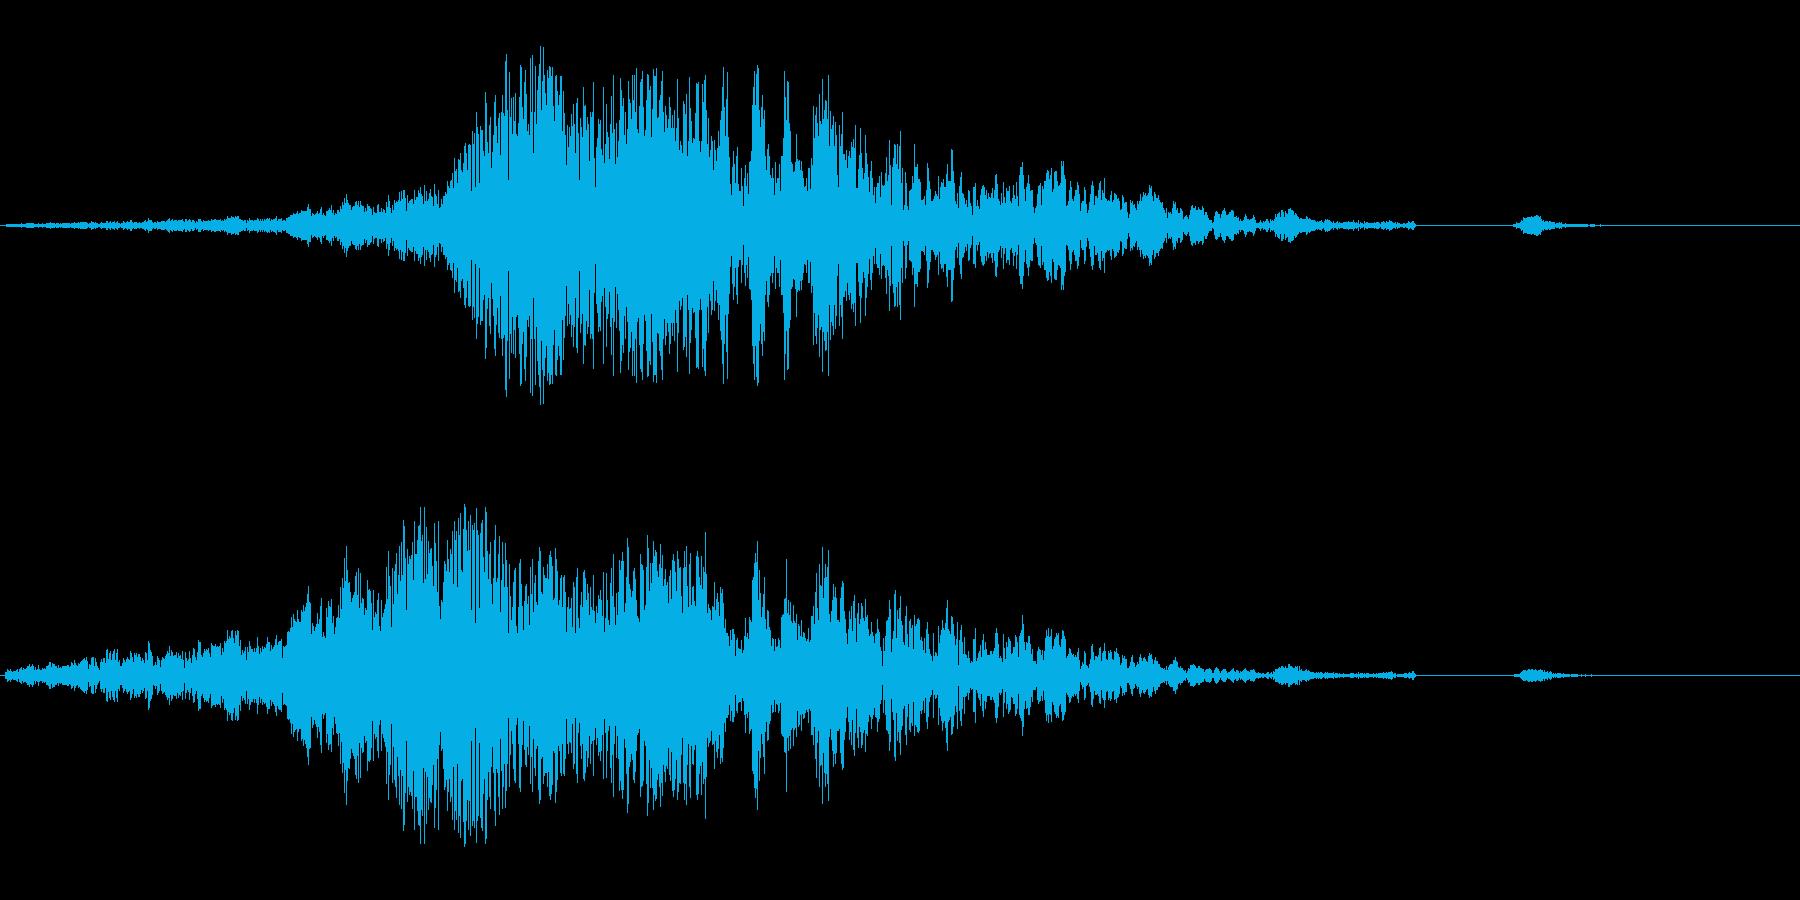 ヒューシュワワン(回転音)の再生済みの波形